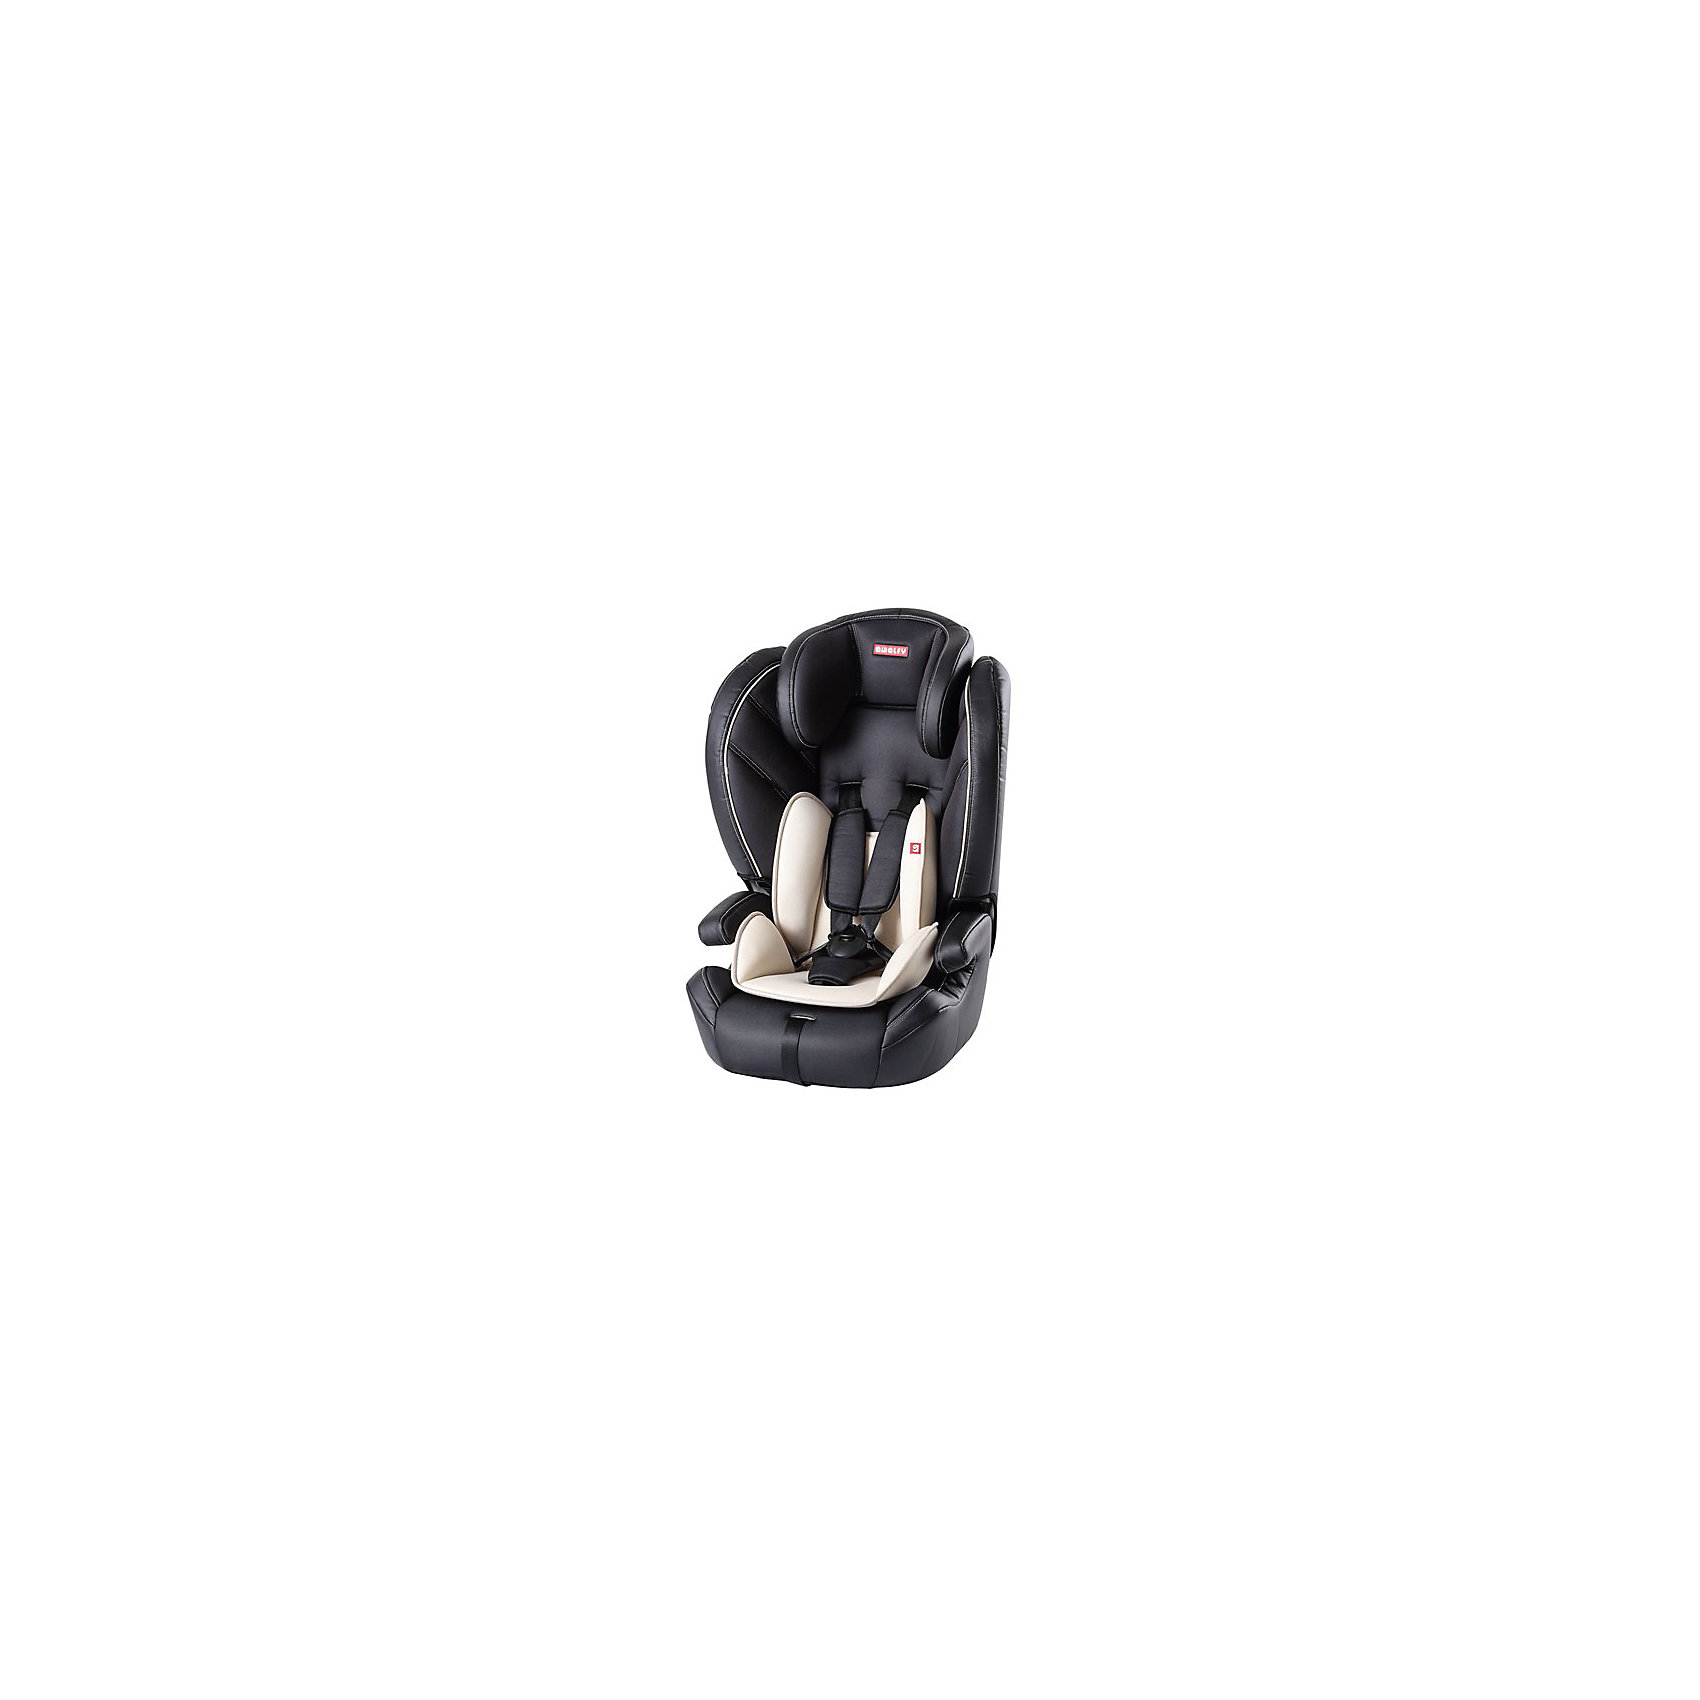 Автокресло НB-508, 9-36 кг, Amalfy, черный